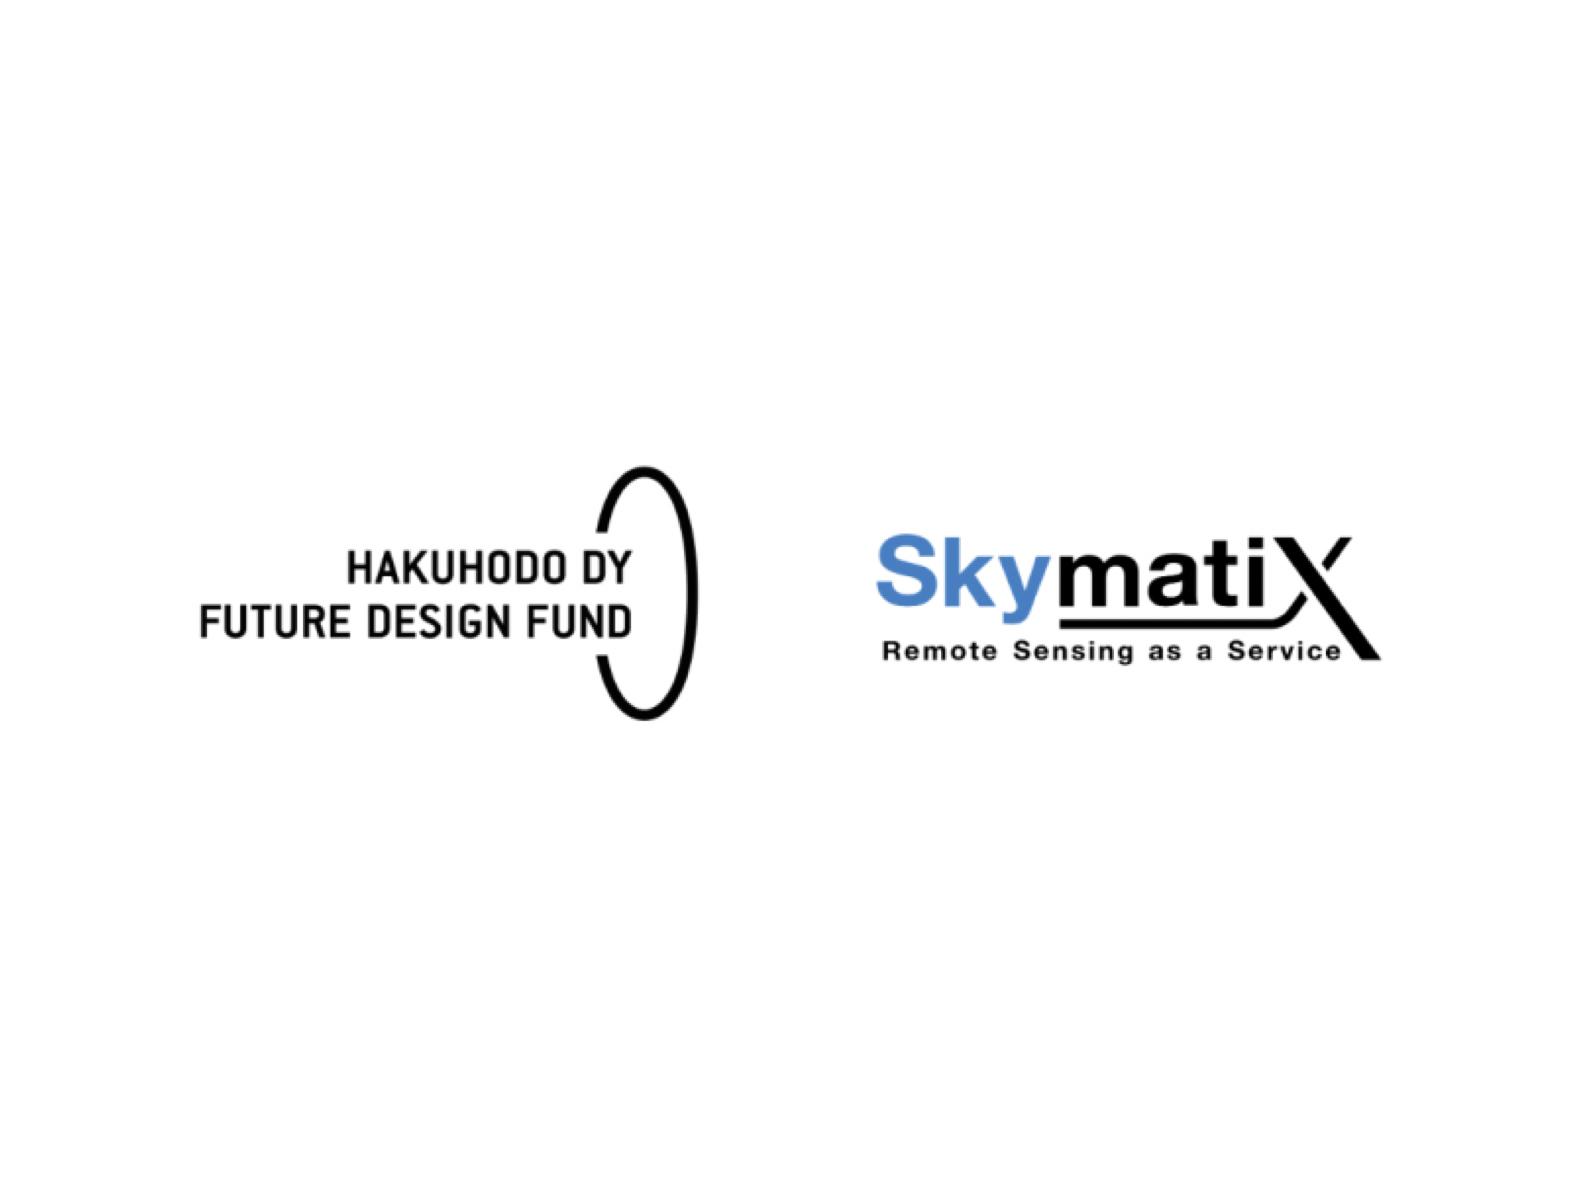 産業用リモートセンシングサービスを提供するスカイマティクス、総額約10億円を調達